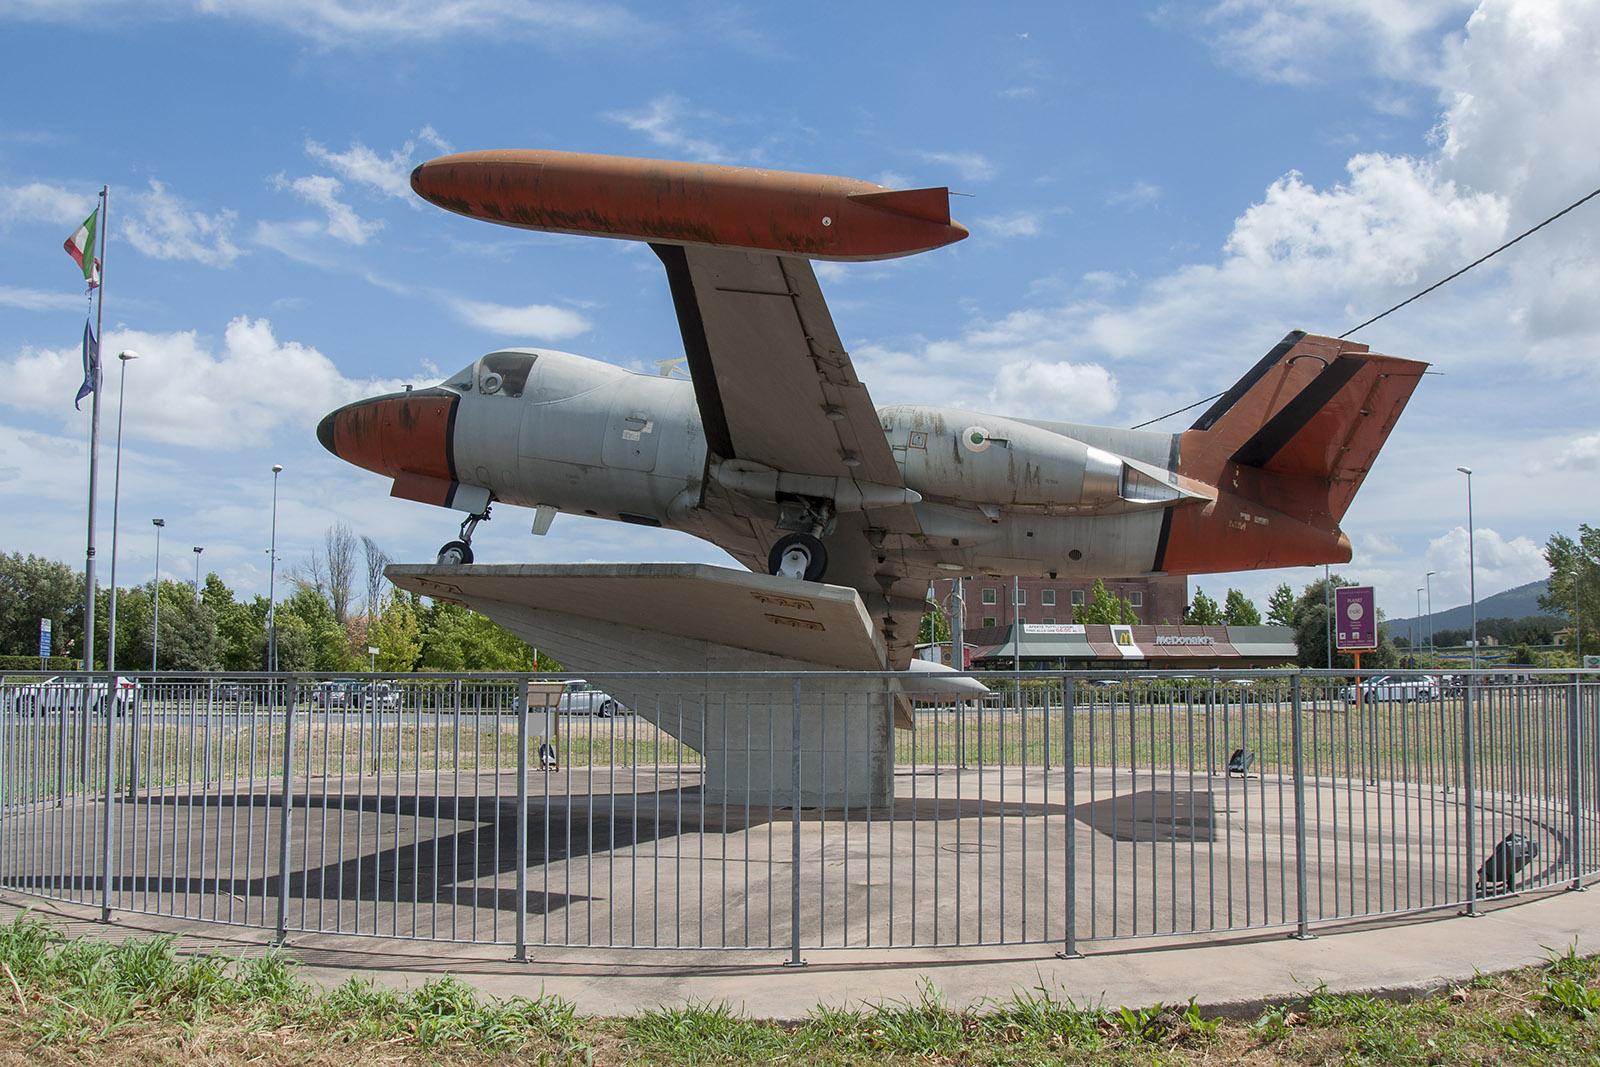 Śladami pomników lotniczych , część 27 – Piaggio PD.808 (Lucca, Italia)